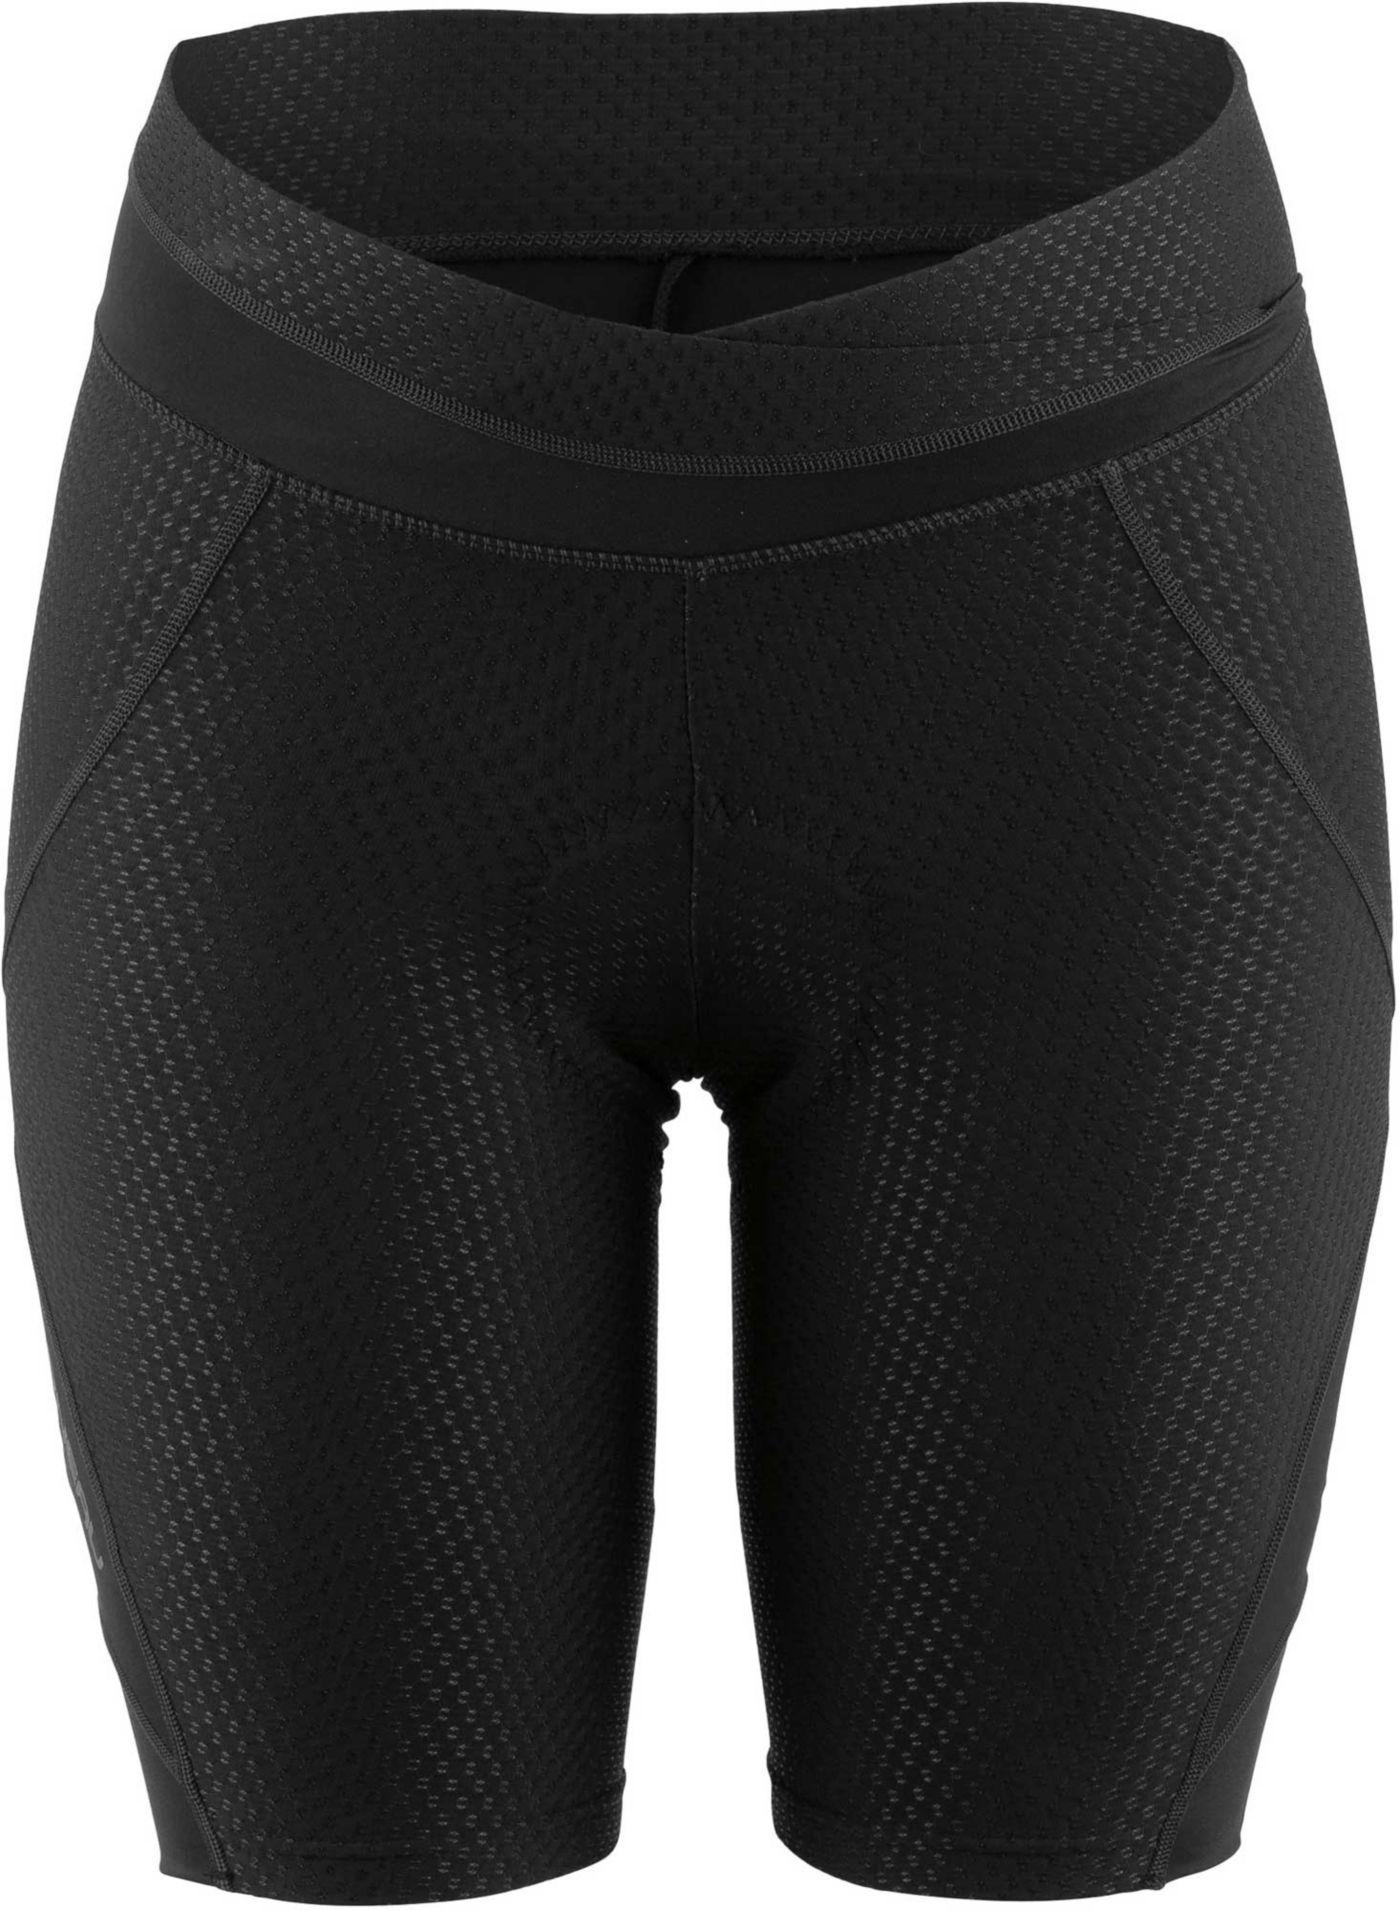 Louis Garneau Women's CB Carbon 2 Cycling Shorts